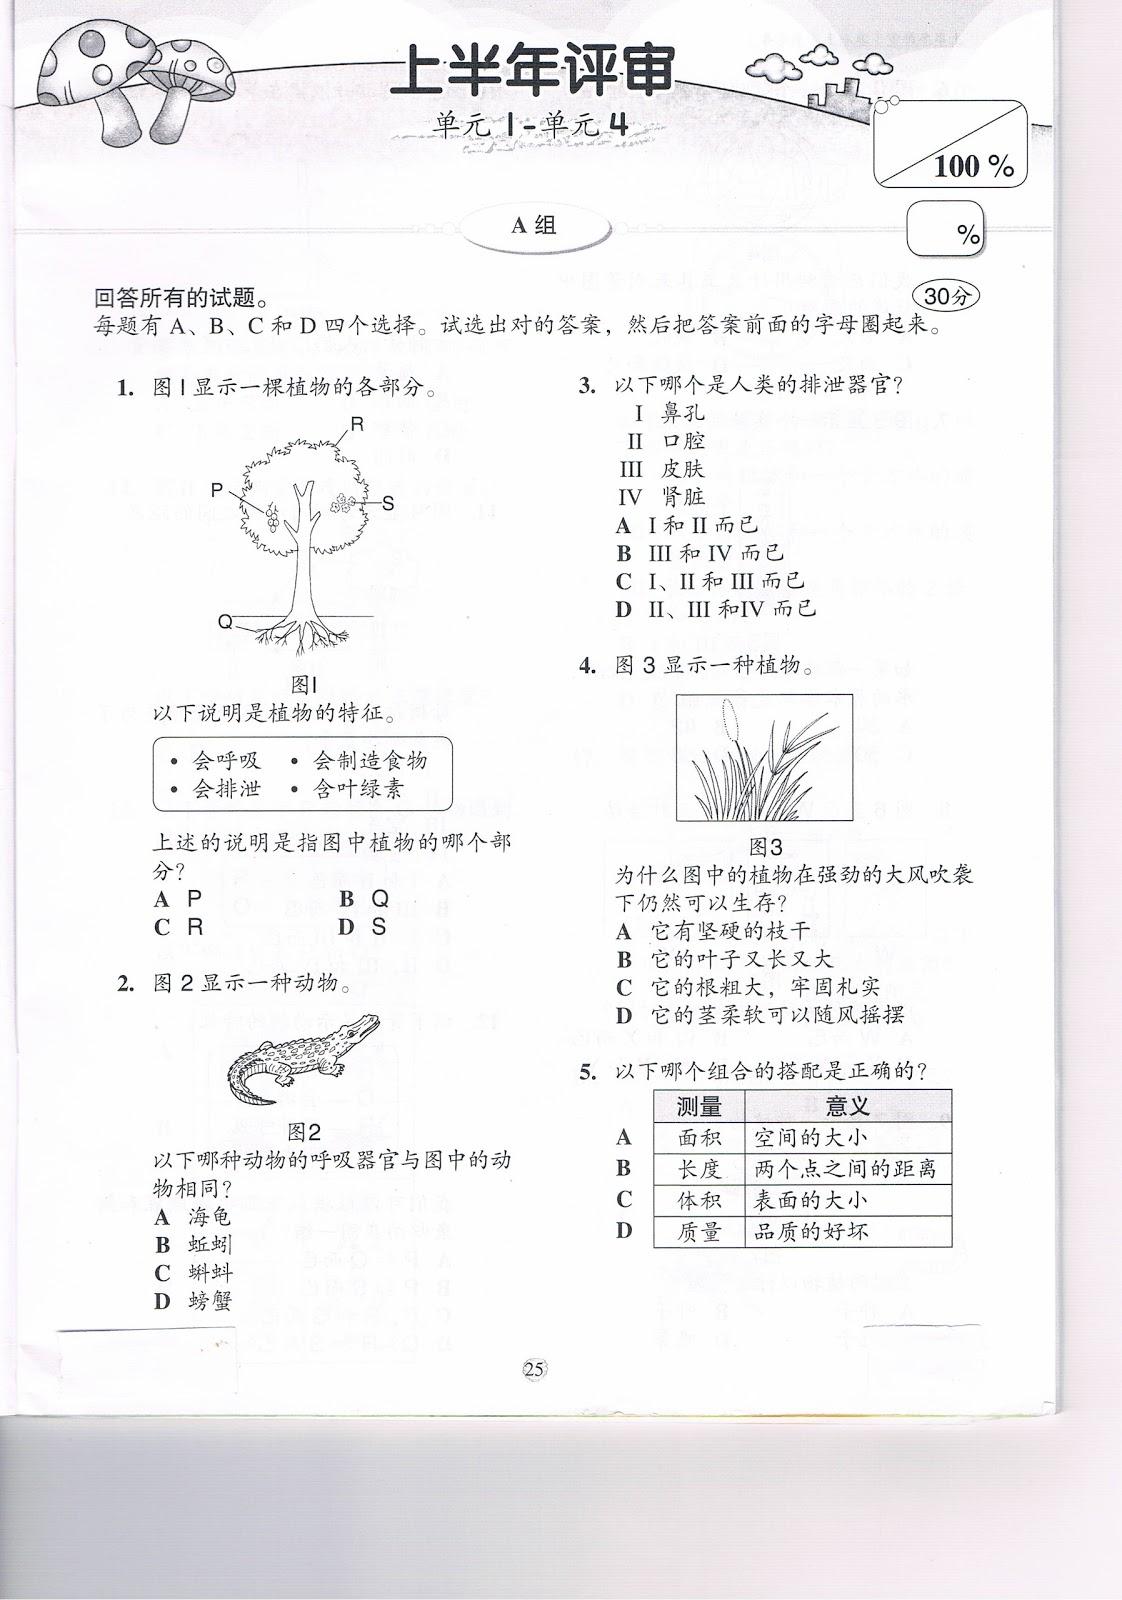 latihan sains tahun 4 no 4